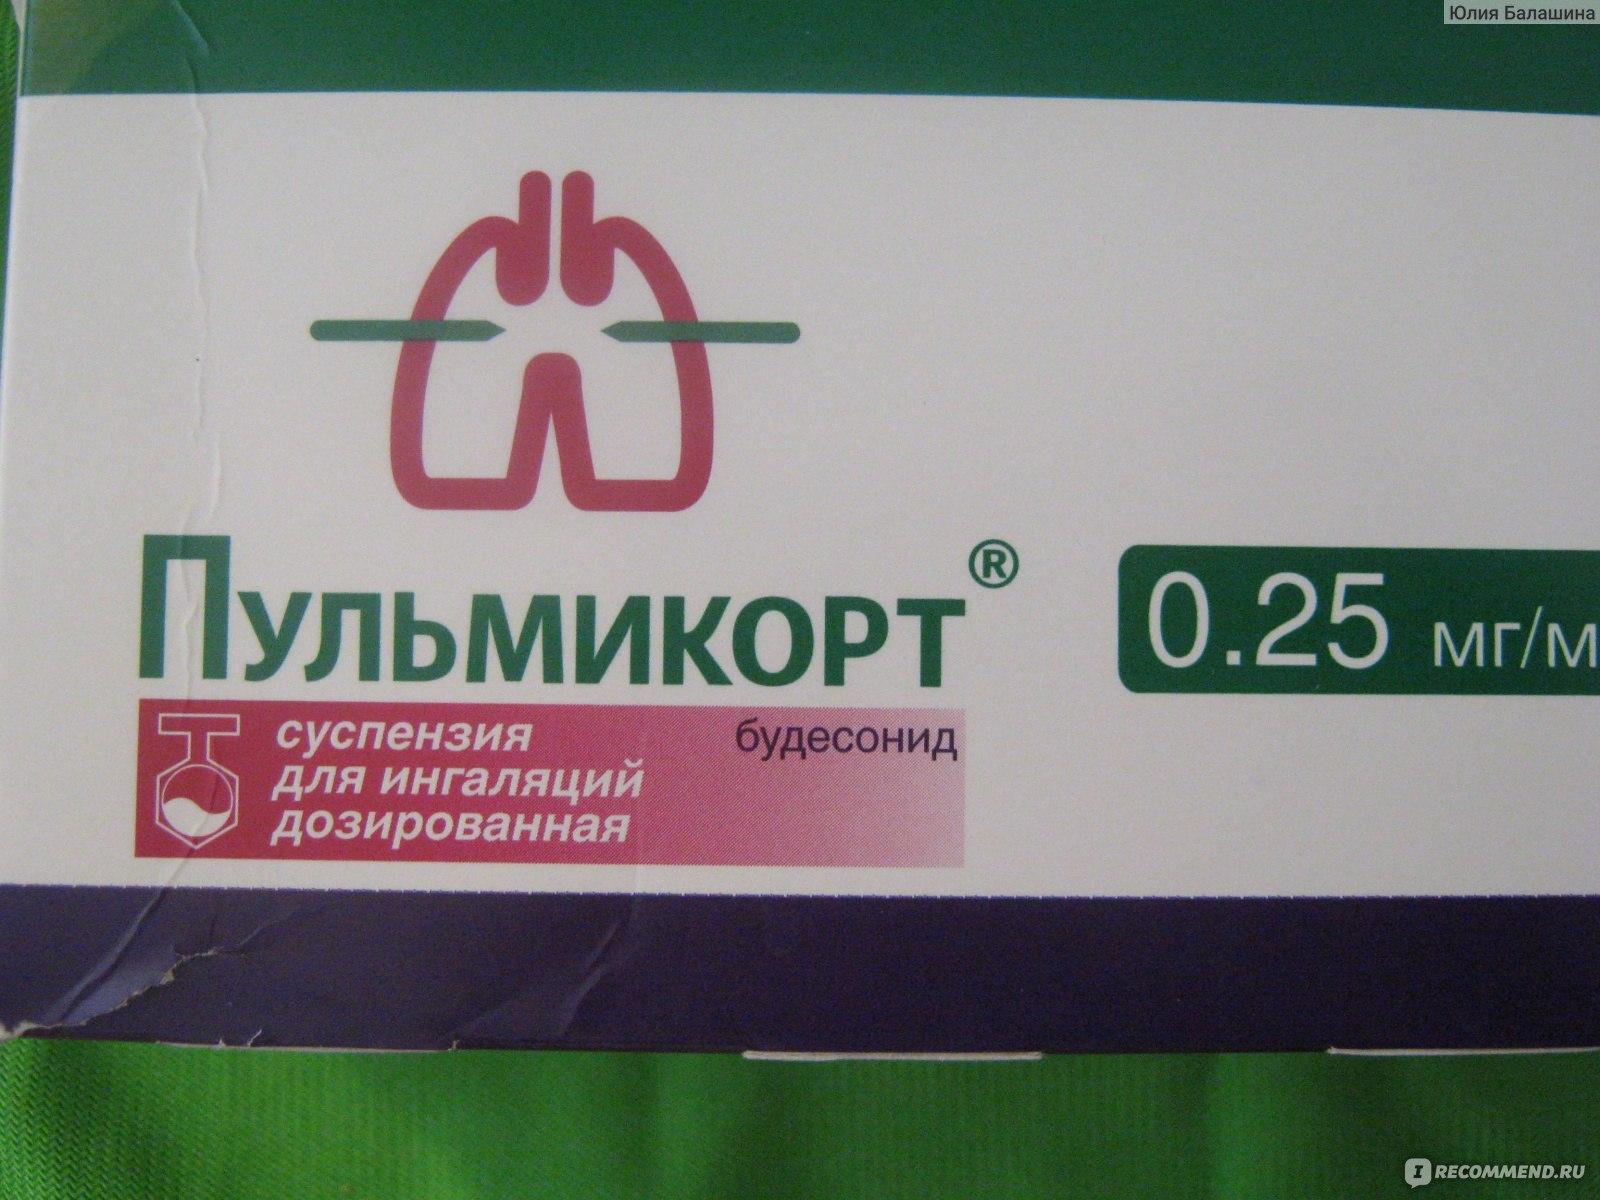 Пульмикорт схема лечения